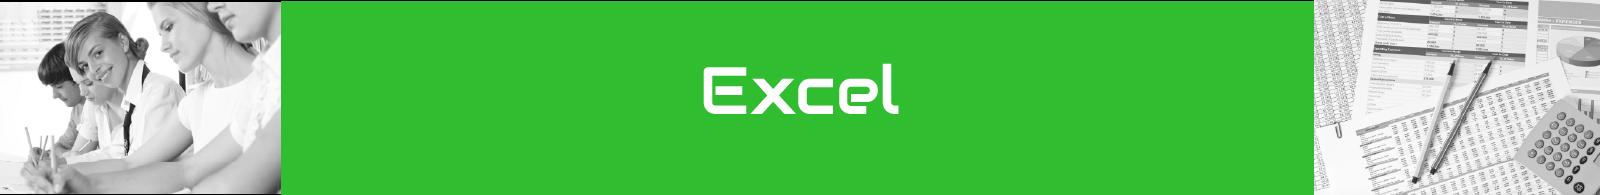 Banner_Excel_V4